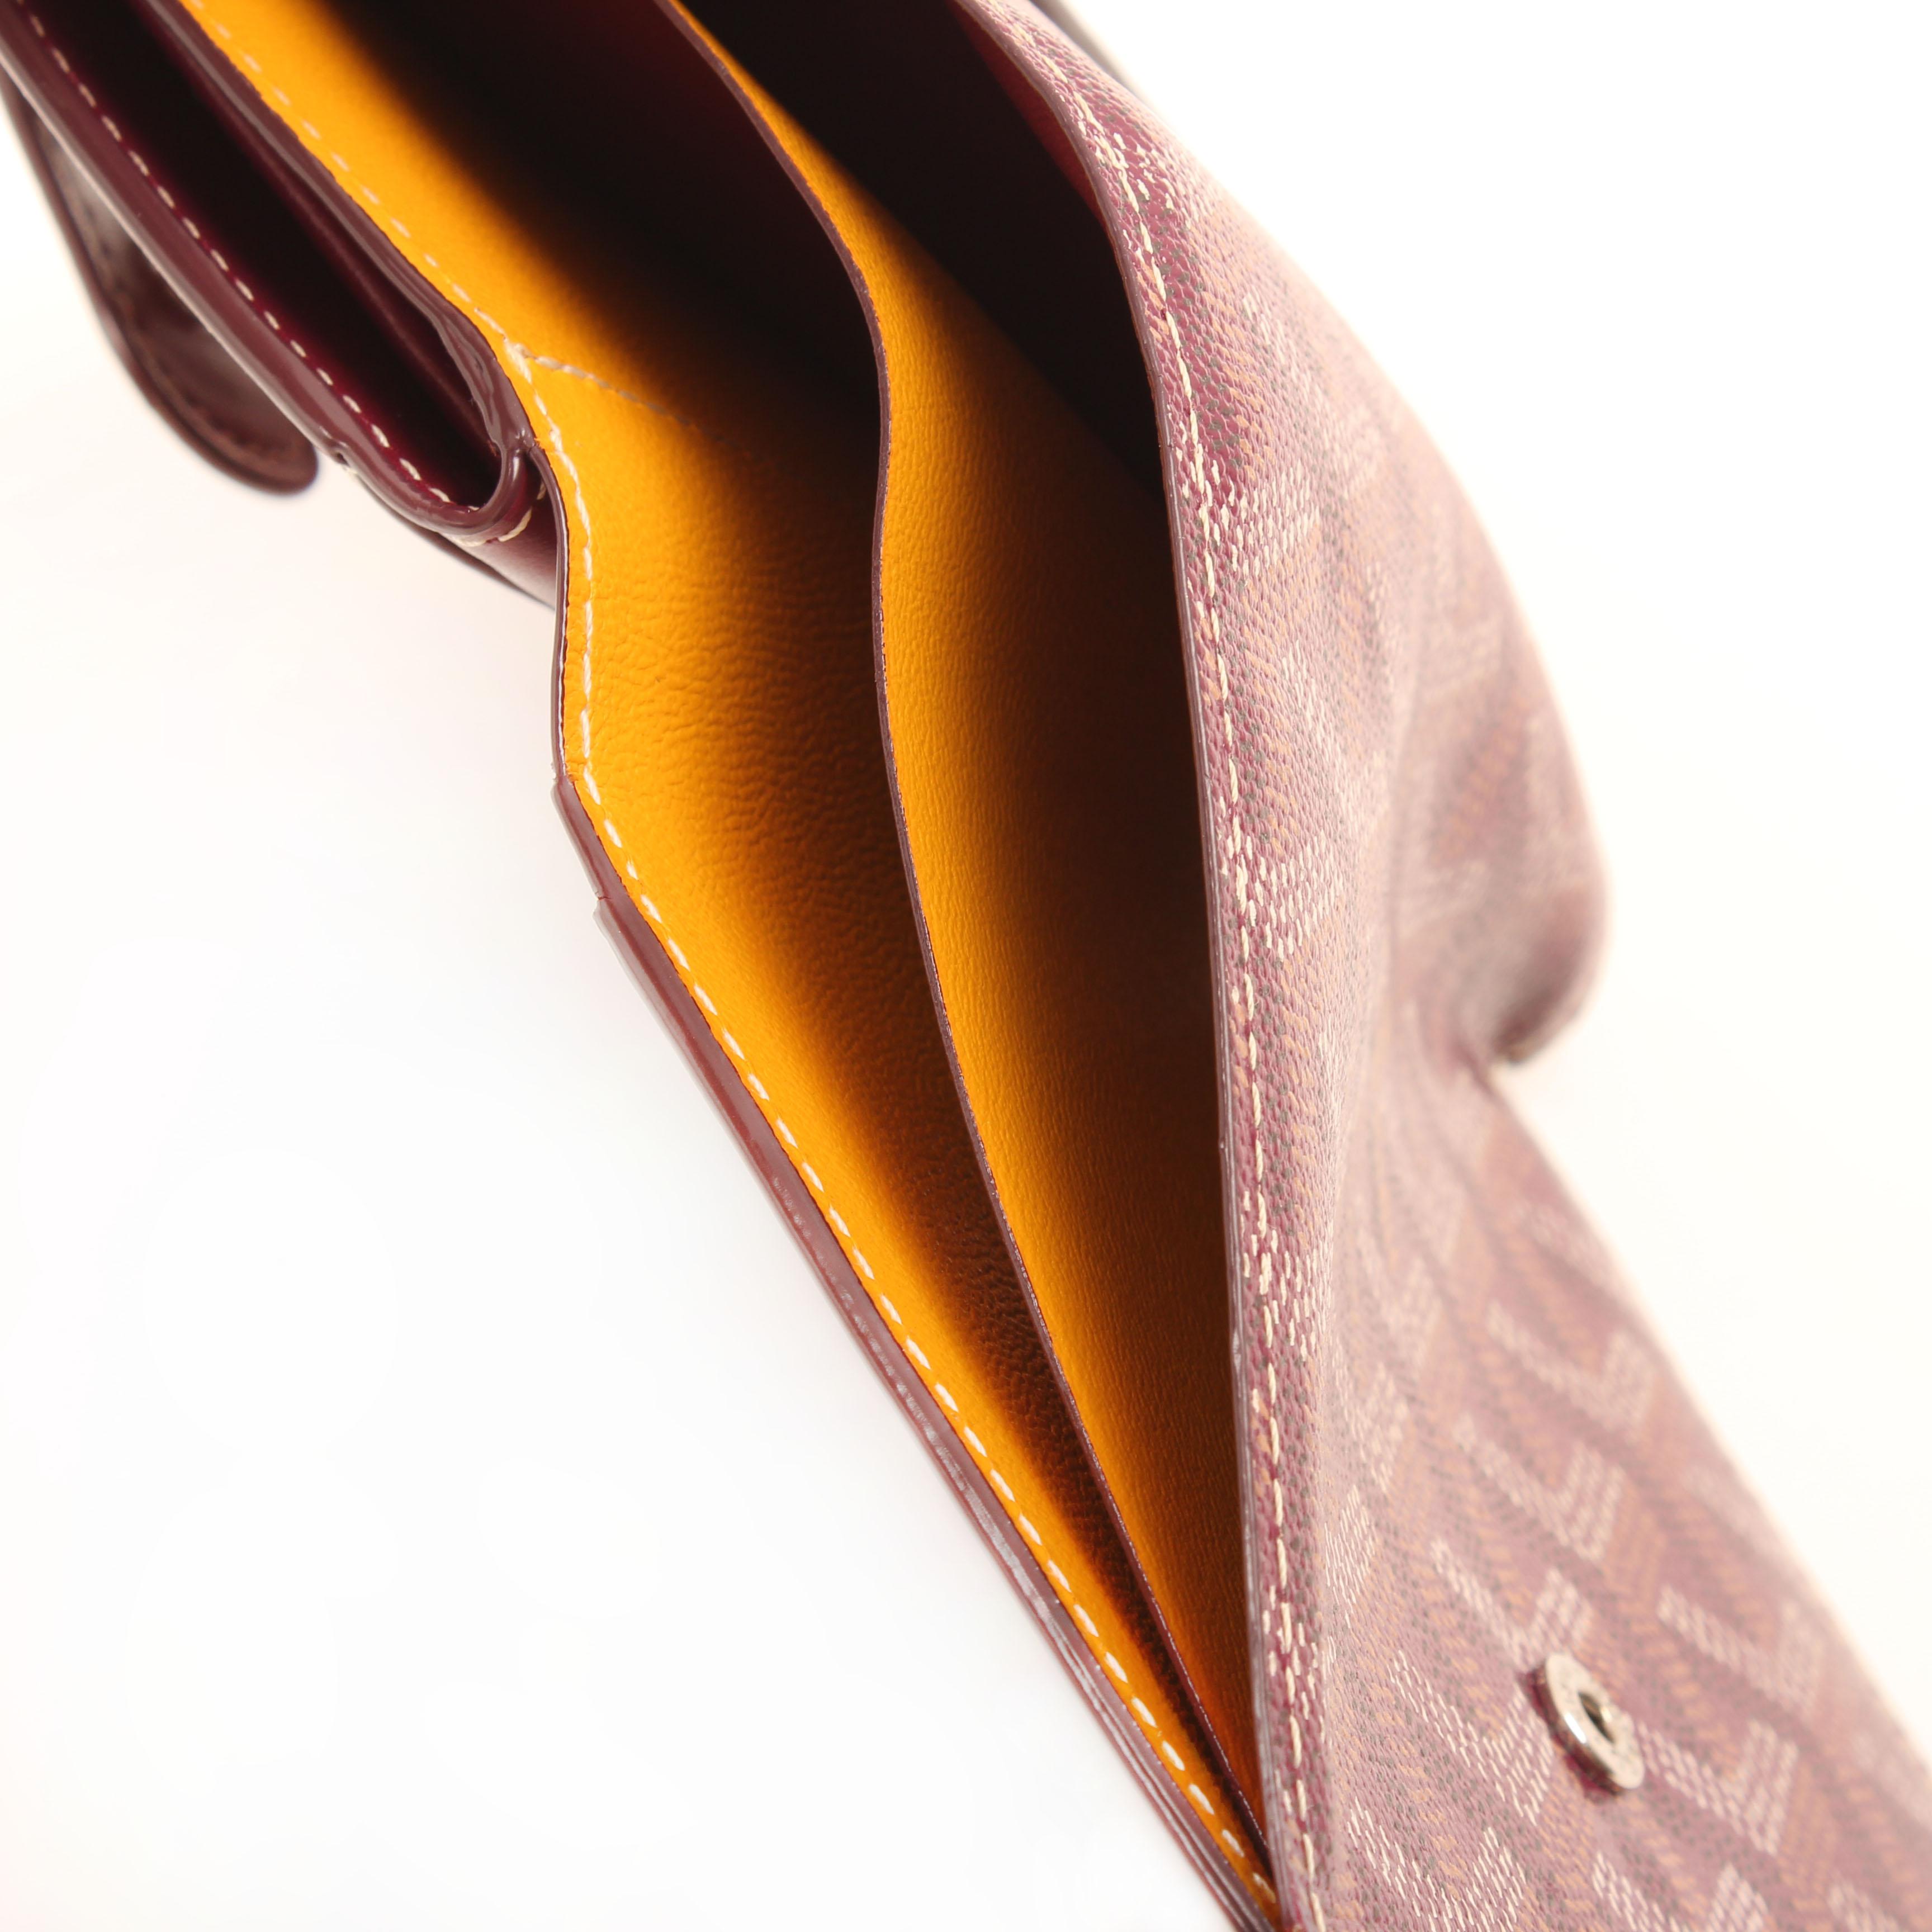 cartera goyard compact chevron goyardine piel lona berenjena amarillo billetera